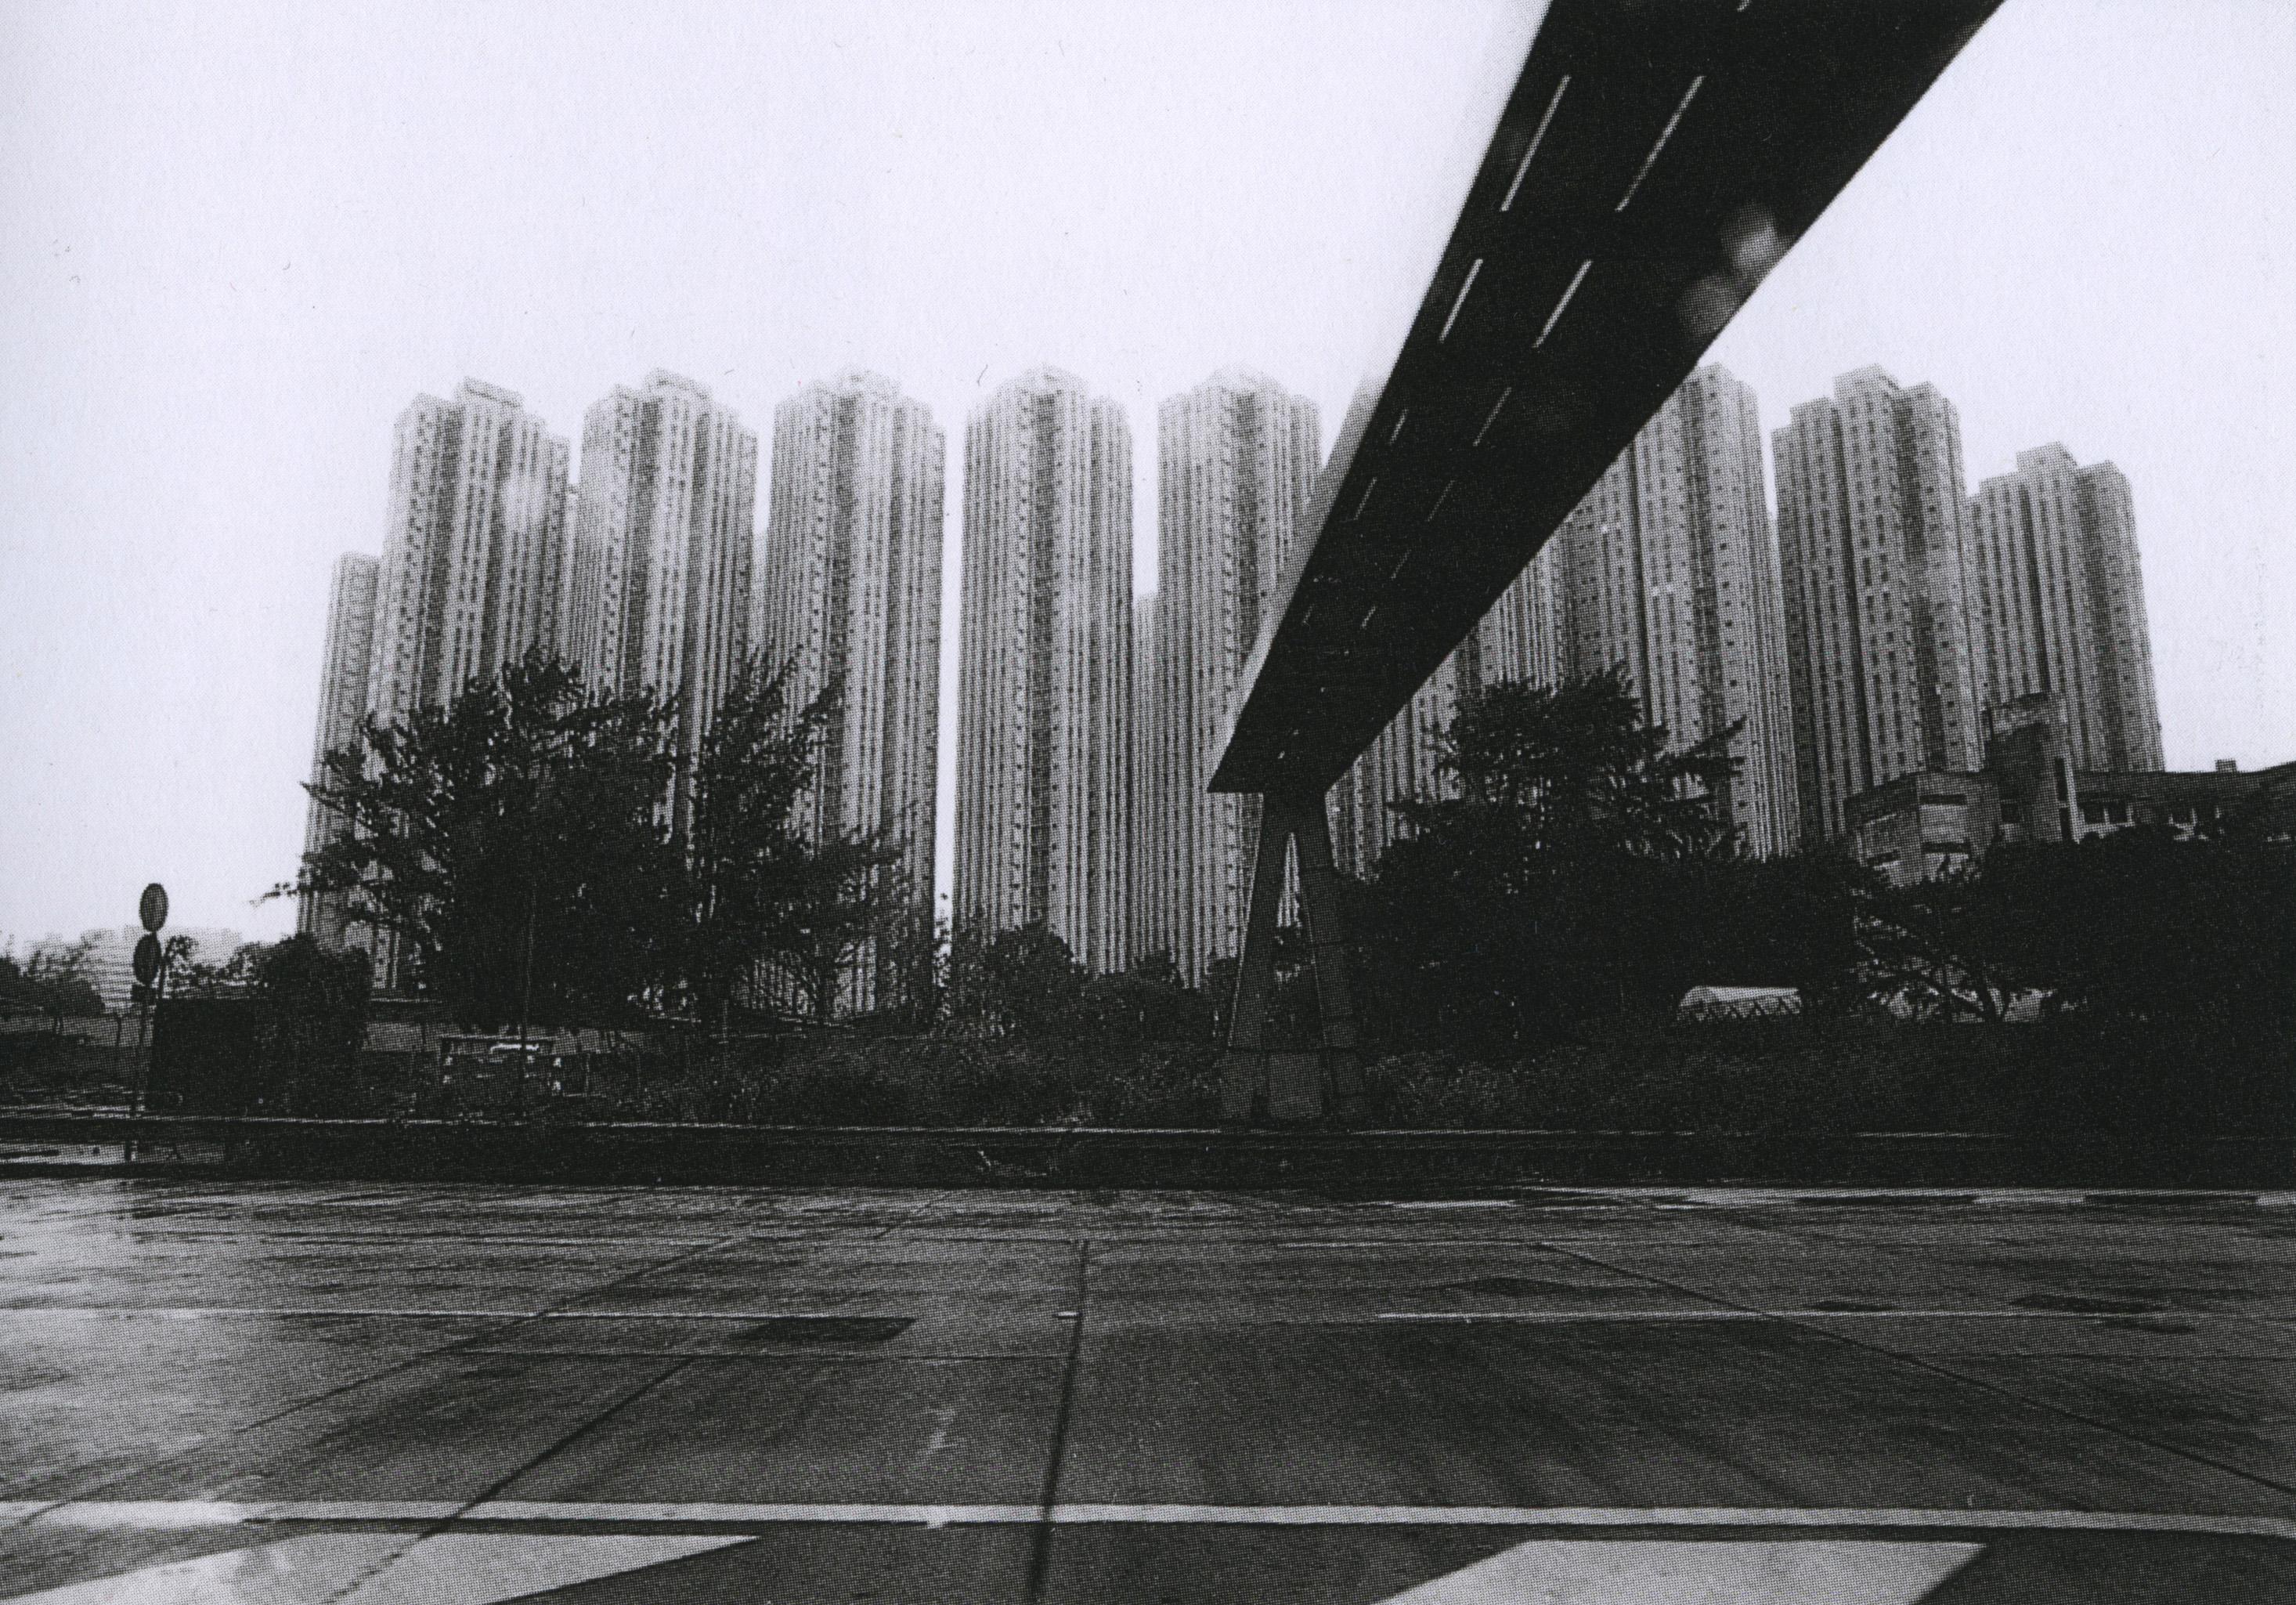 ettore sottsass_gratte-ciel_hong kong, 1993_p131